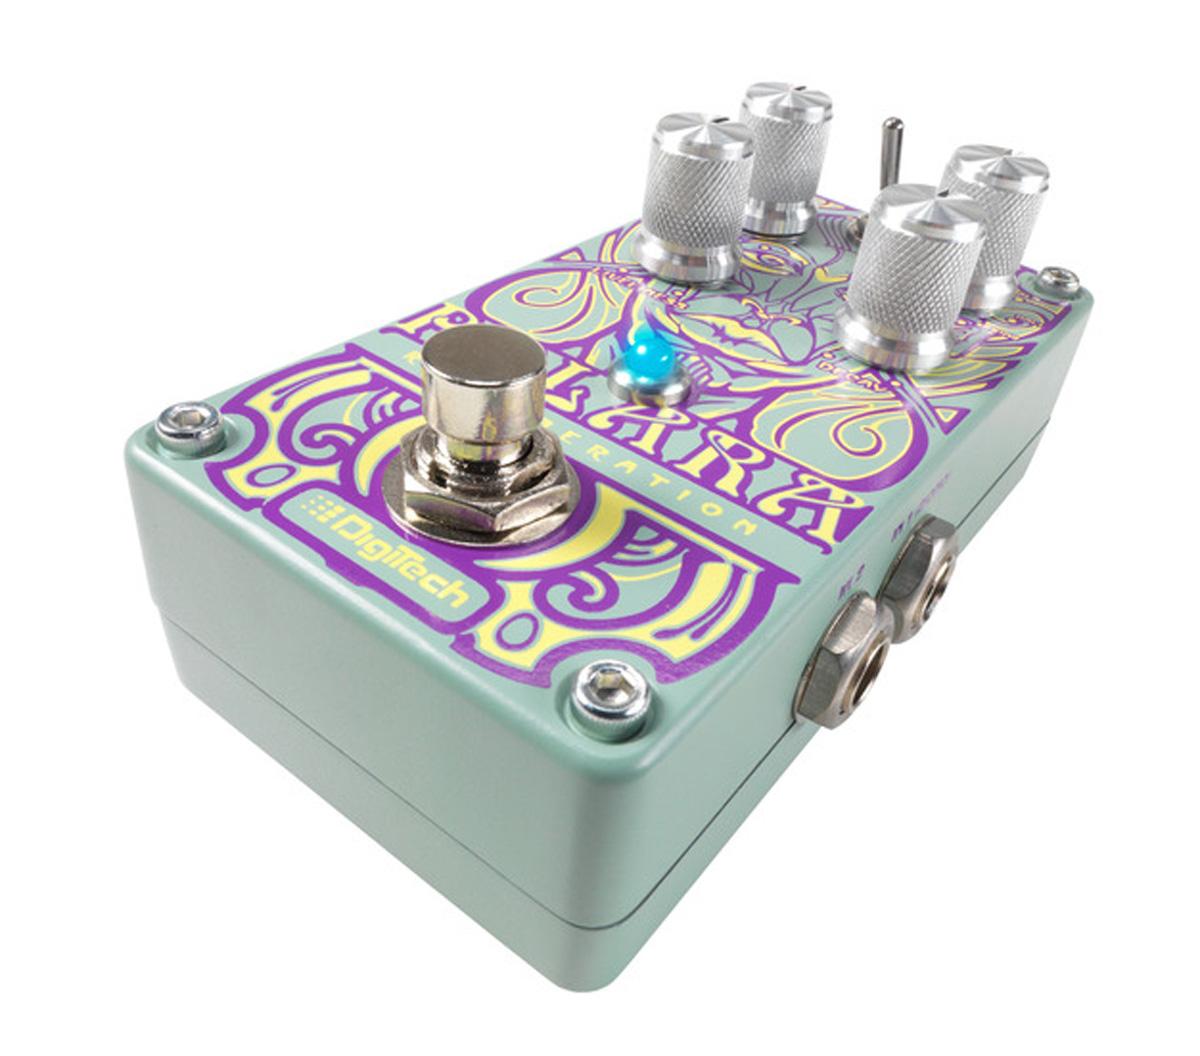 Digitech Polara Lexicon Reverb pedal